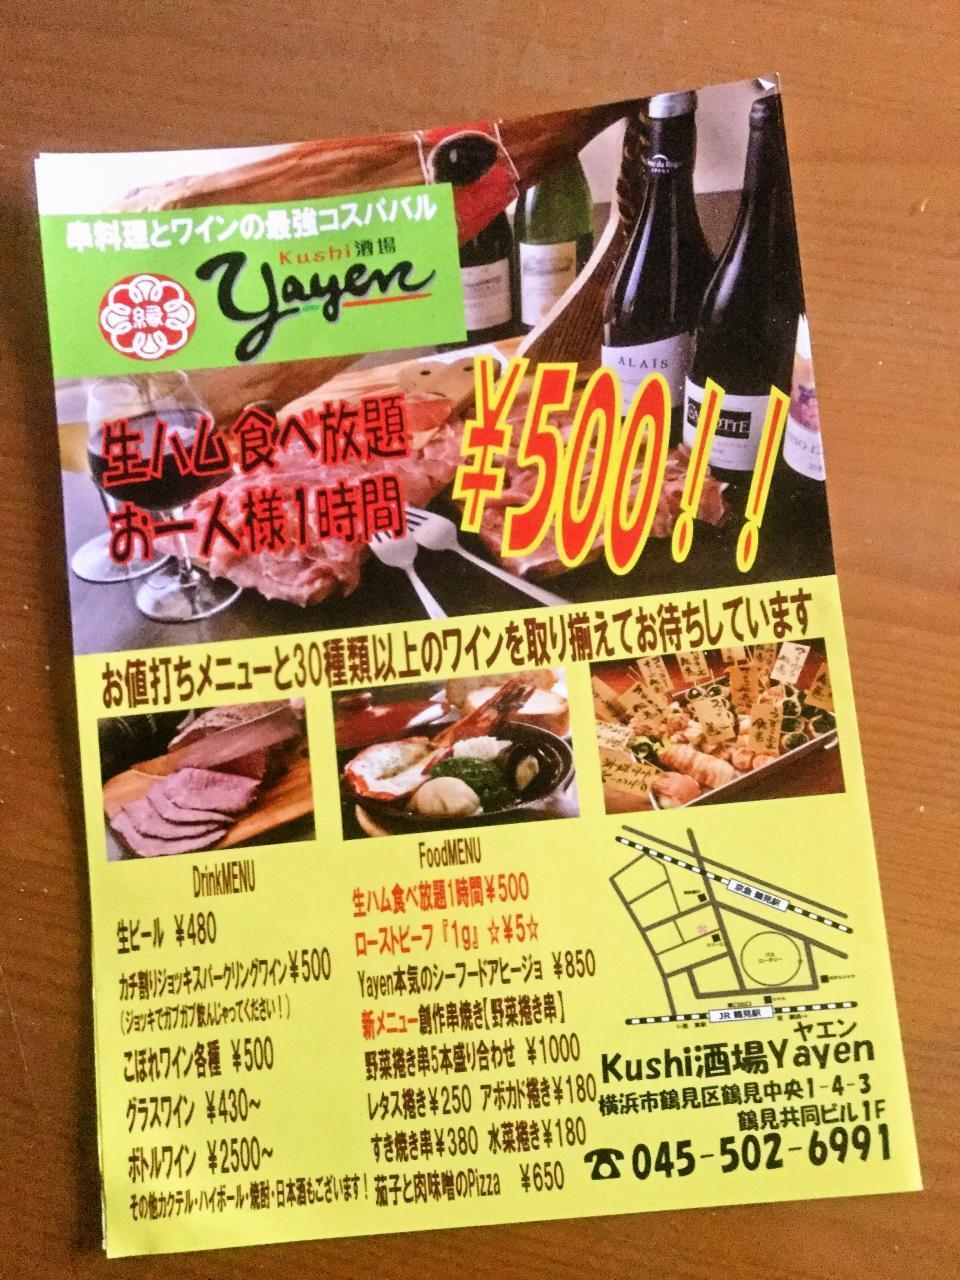 Kushi酒場Yayen(チラシ)